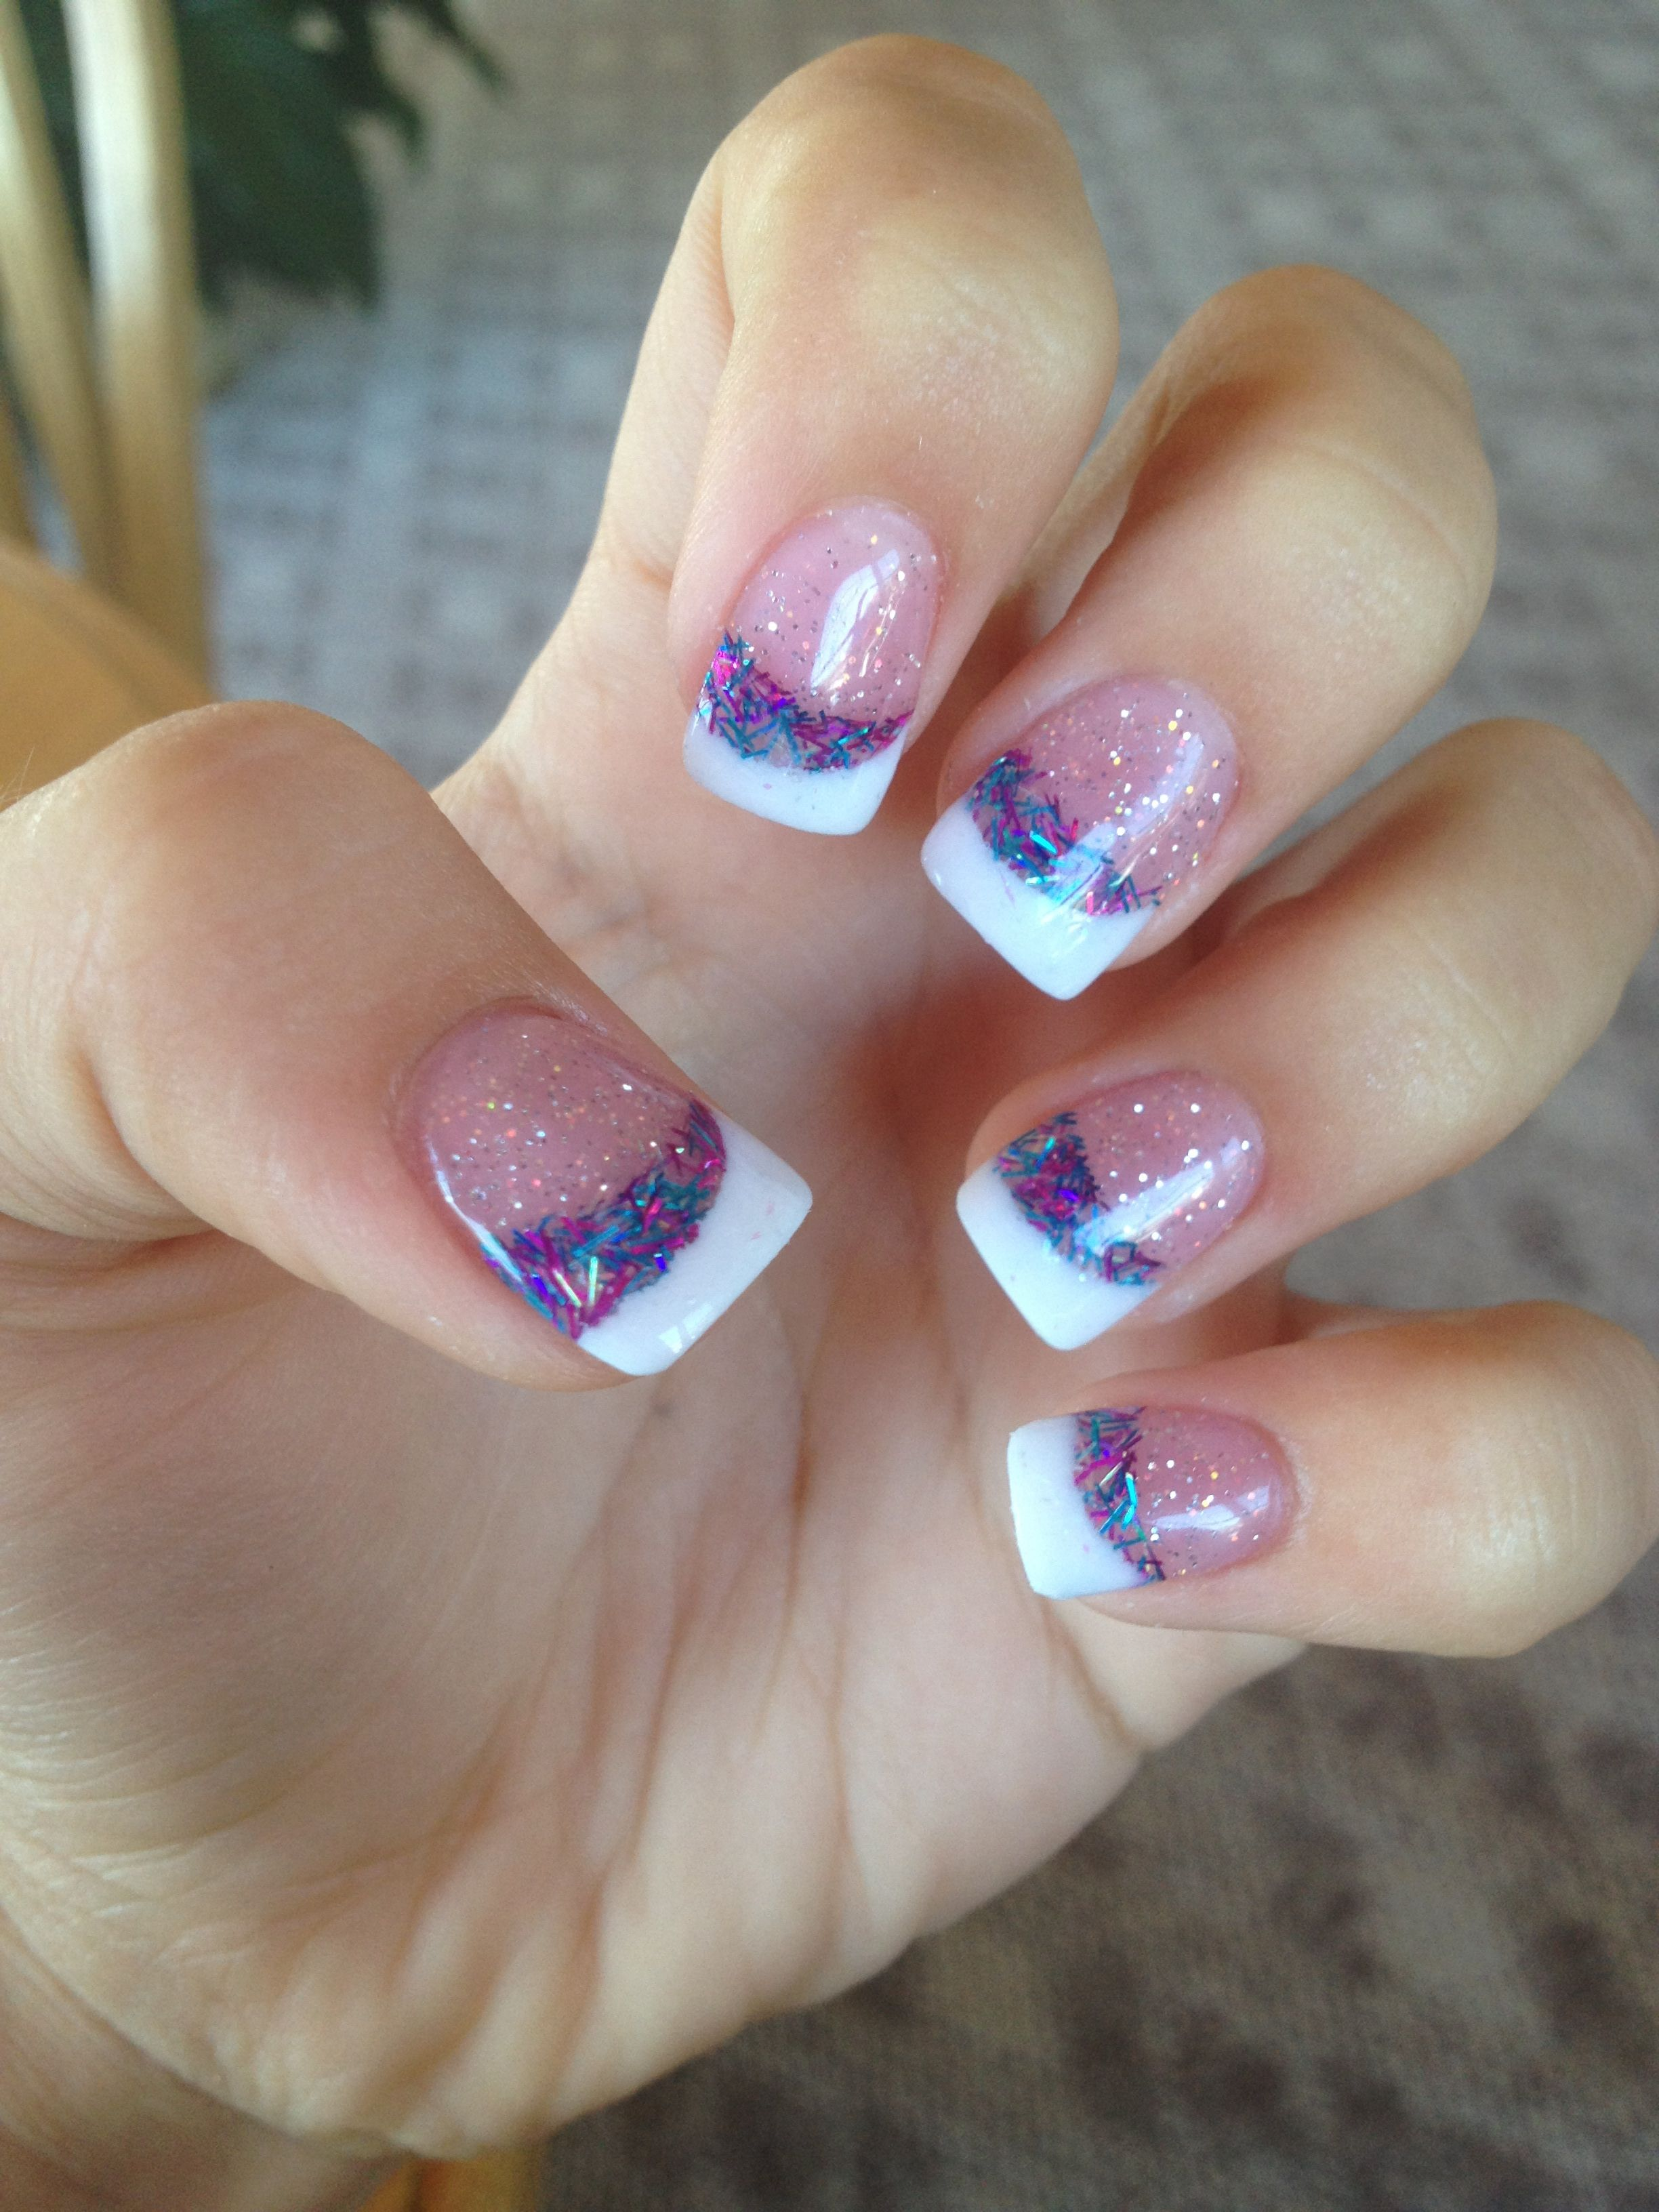 Solar nails | Nails | Pinterest | Solar, Nail nail and Makeup